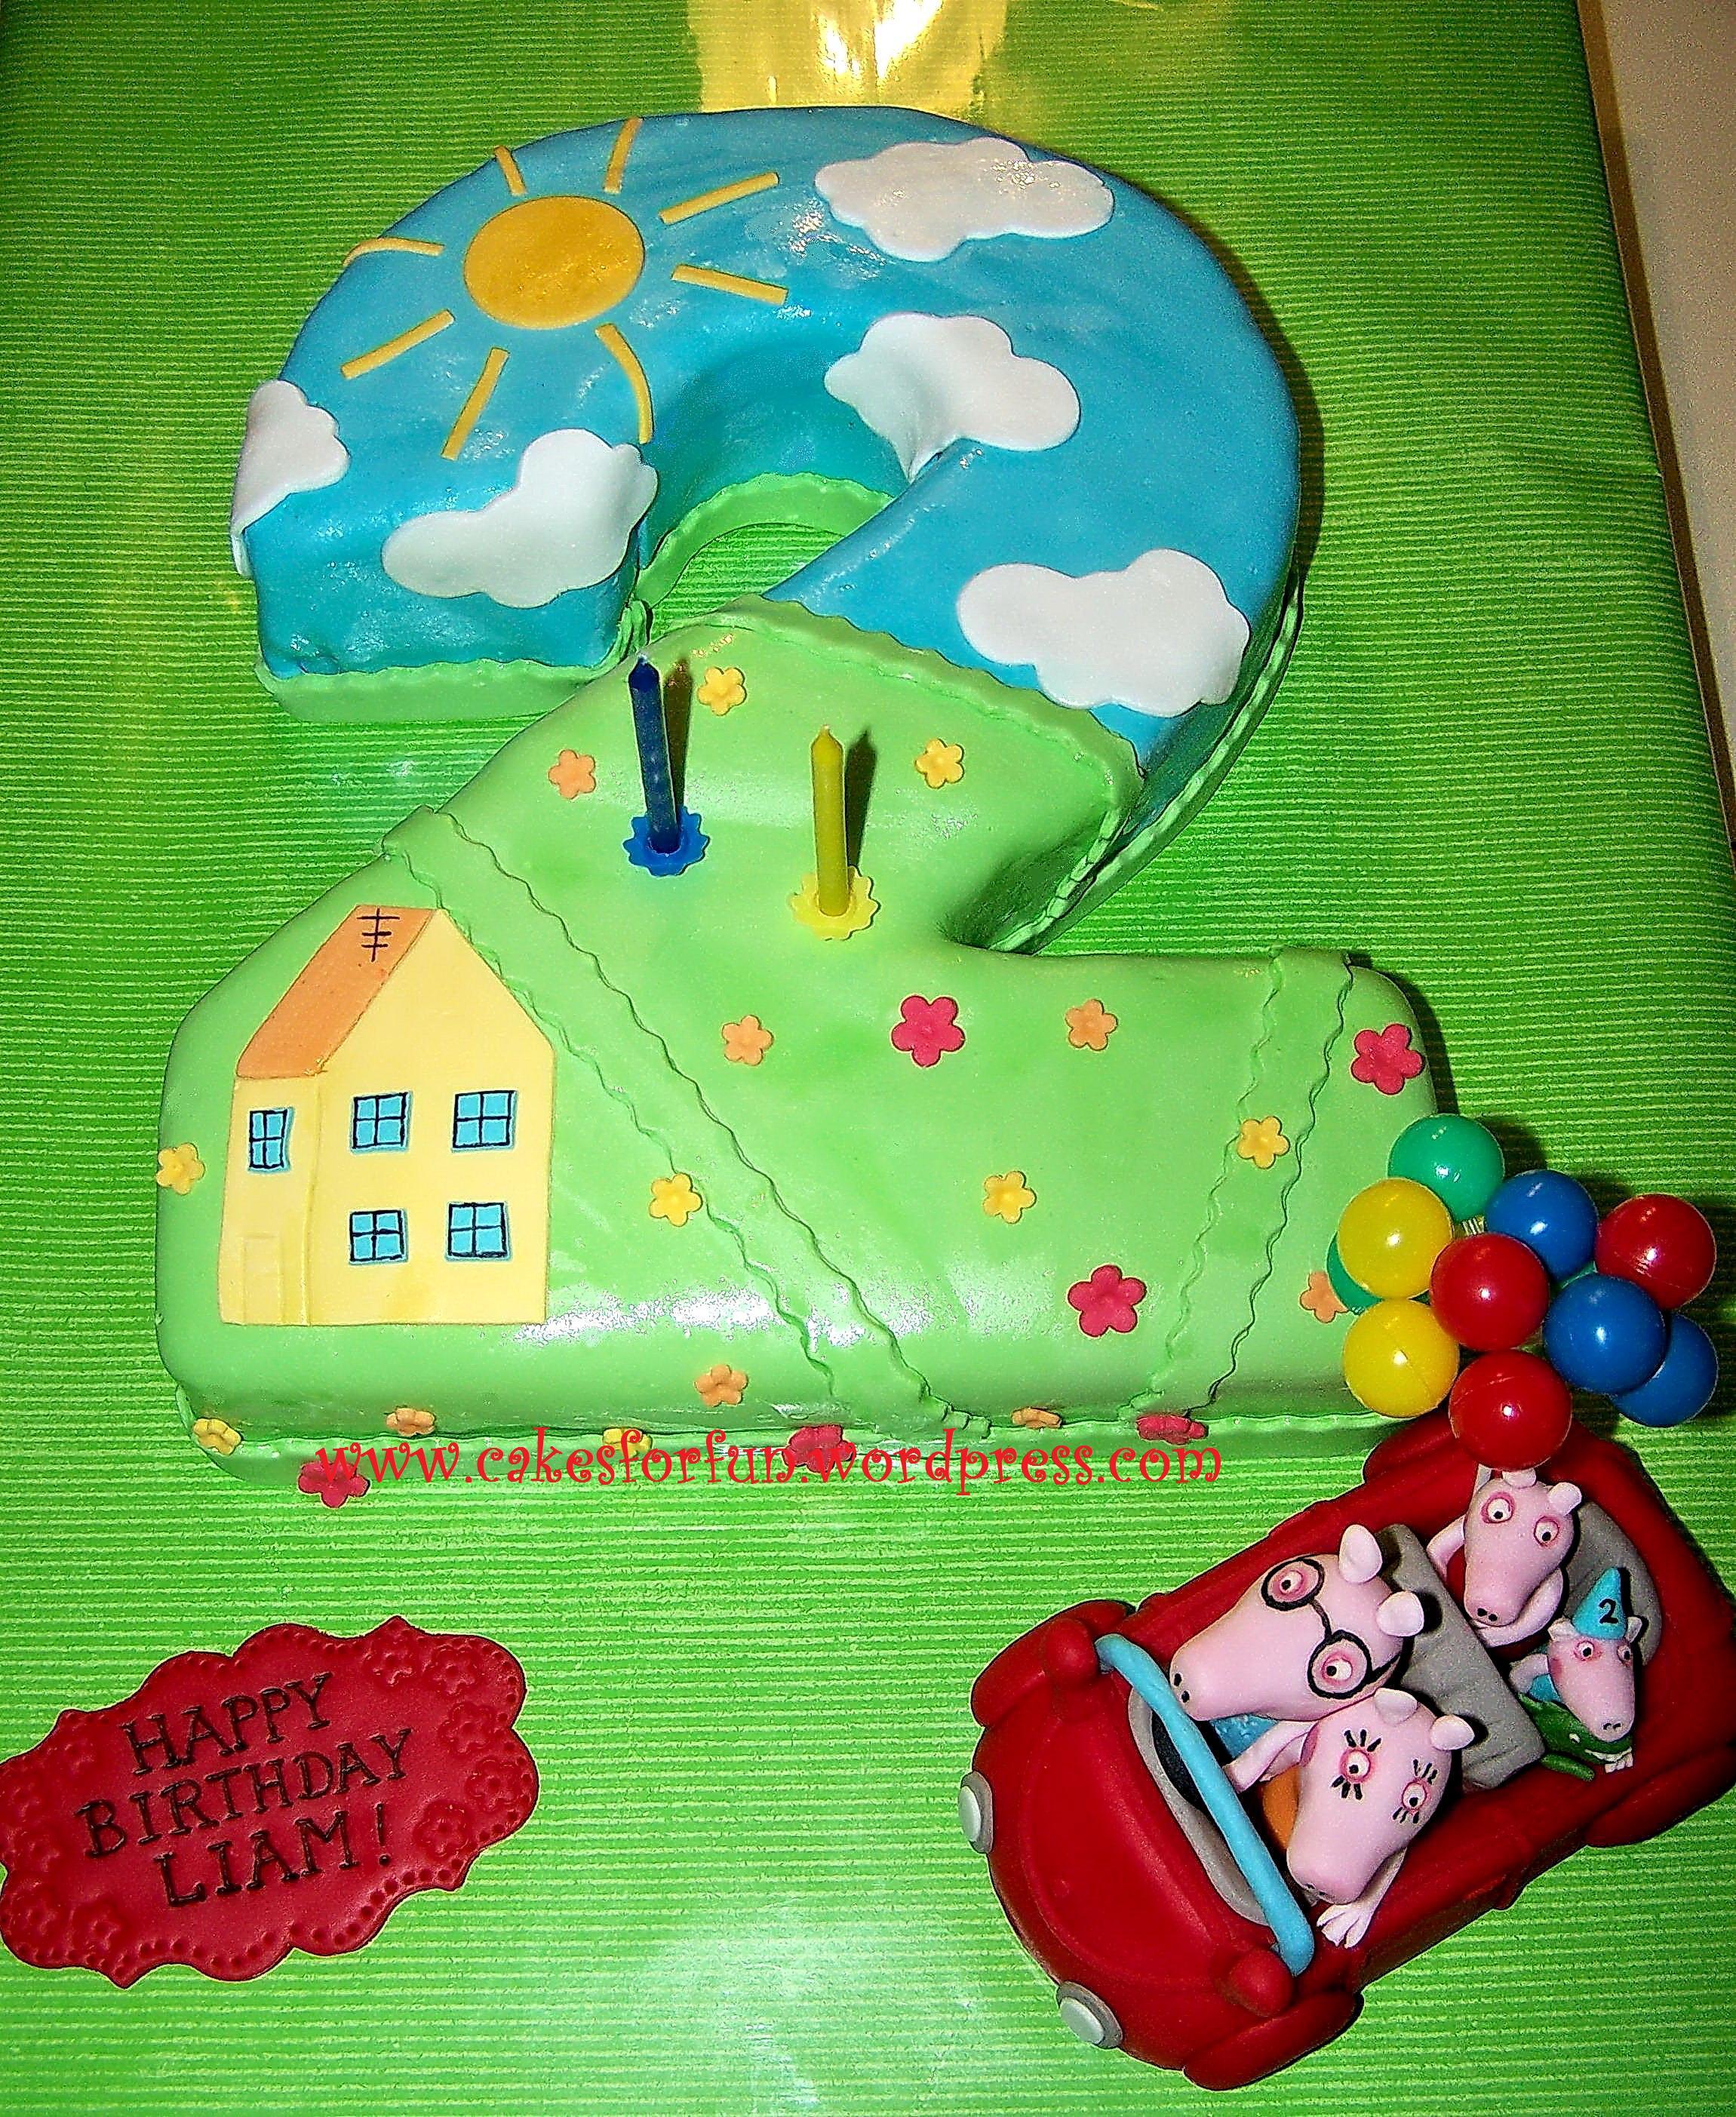 Peppa Wutz Geburtstagstorte zum 2 Geburtstag von Liam